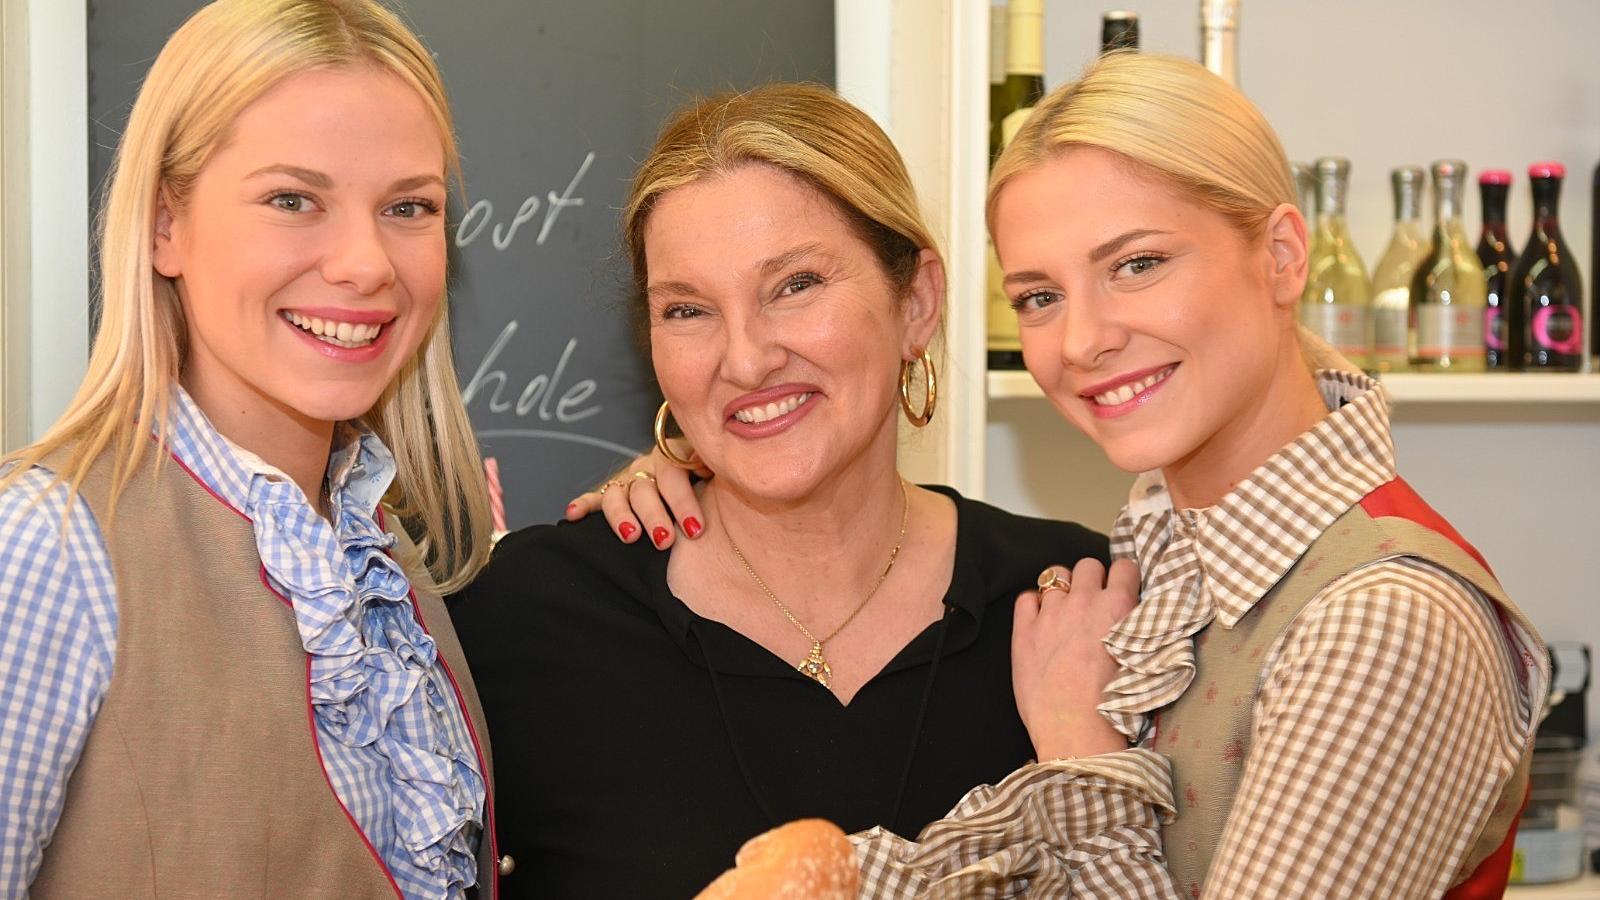 Cheyenne mit Mutter Samanda und Schwester Valentina Pahde in ihrem Feinkost-Laden in München.